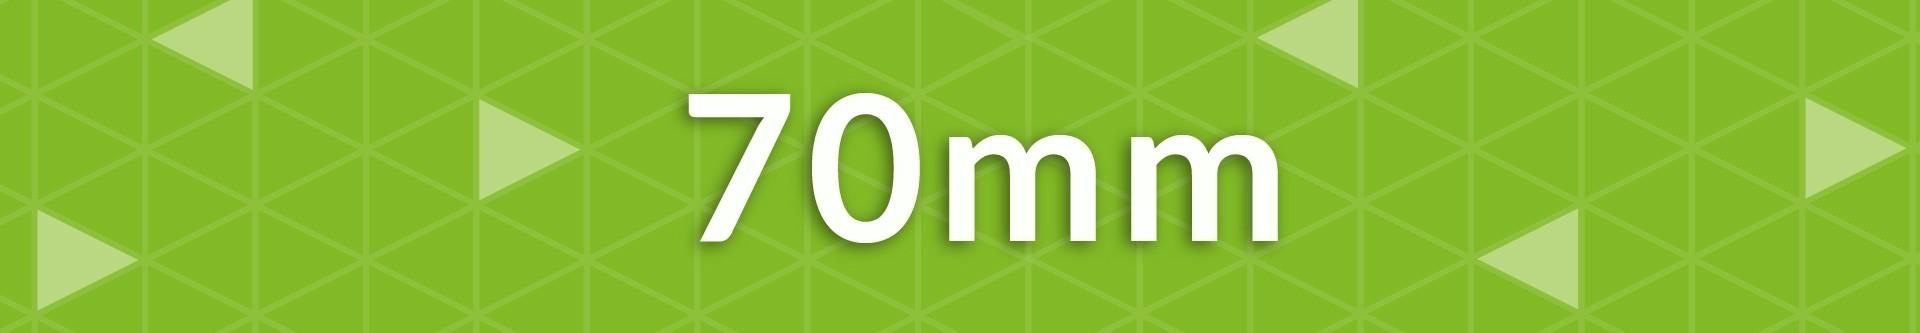 Gruix 70 mm